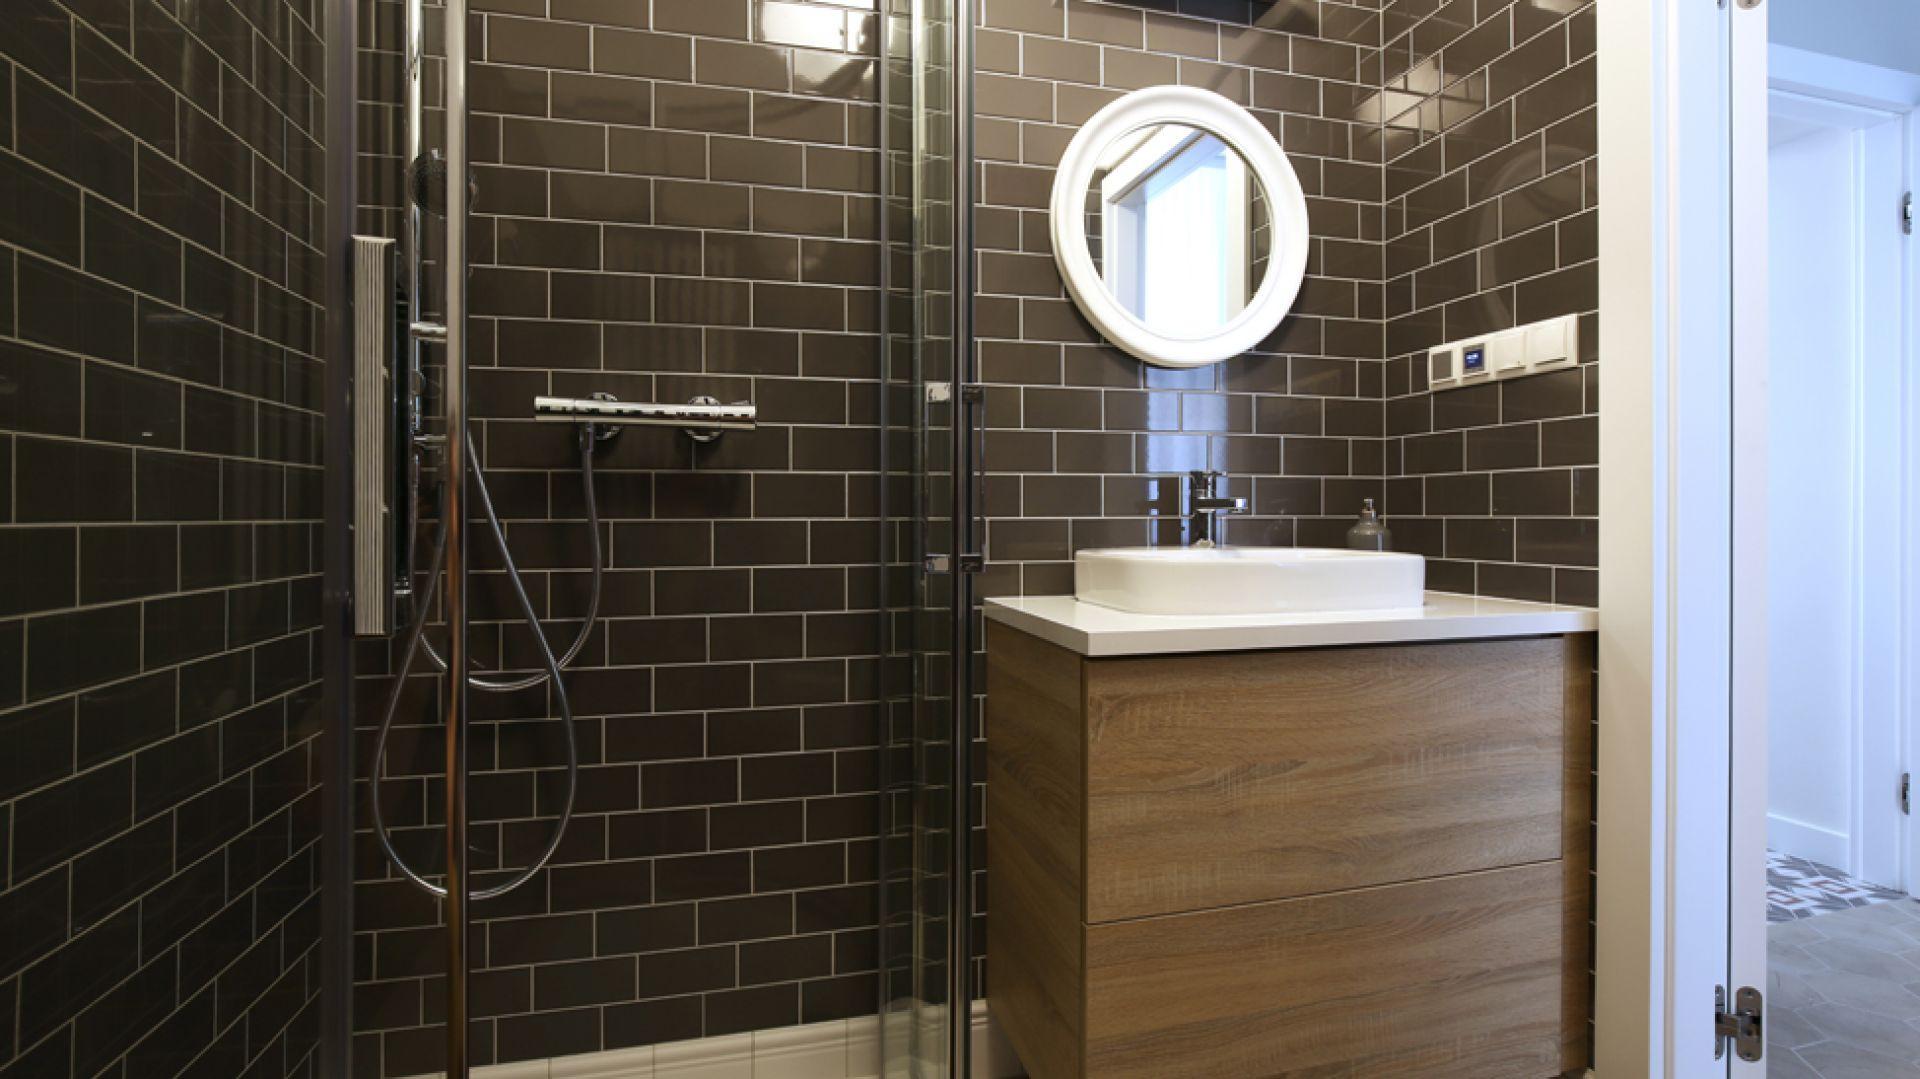 Łazienka z kafelkami w stylu vintage. Fot. GRID/Dekorian